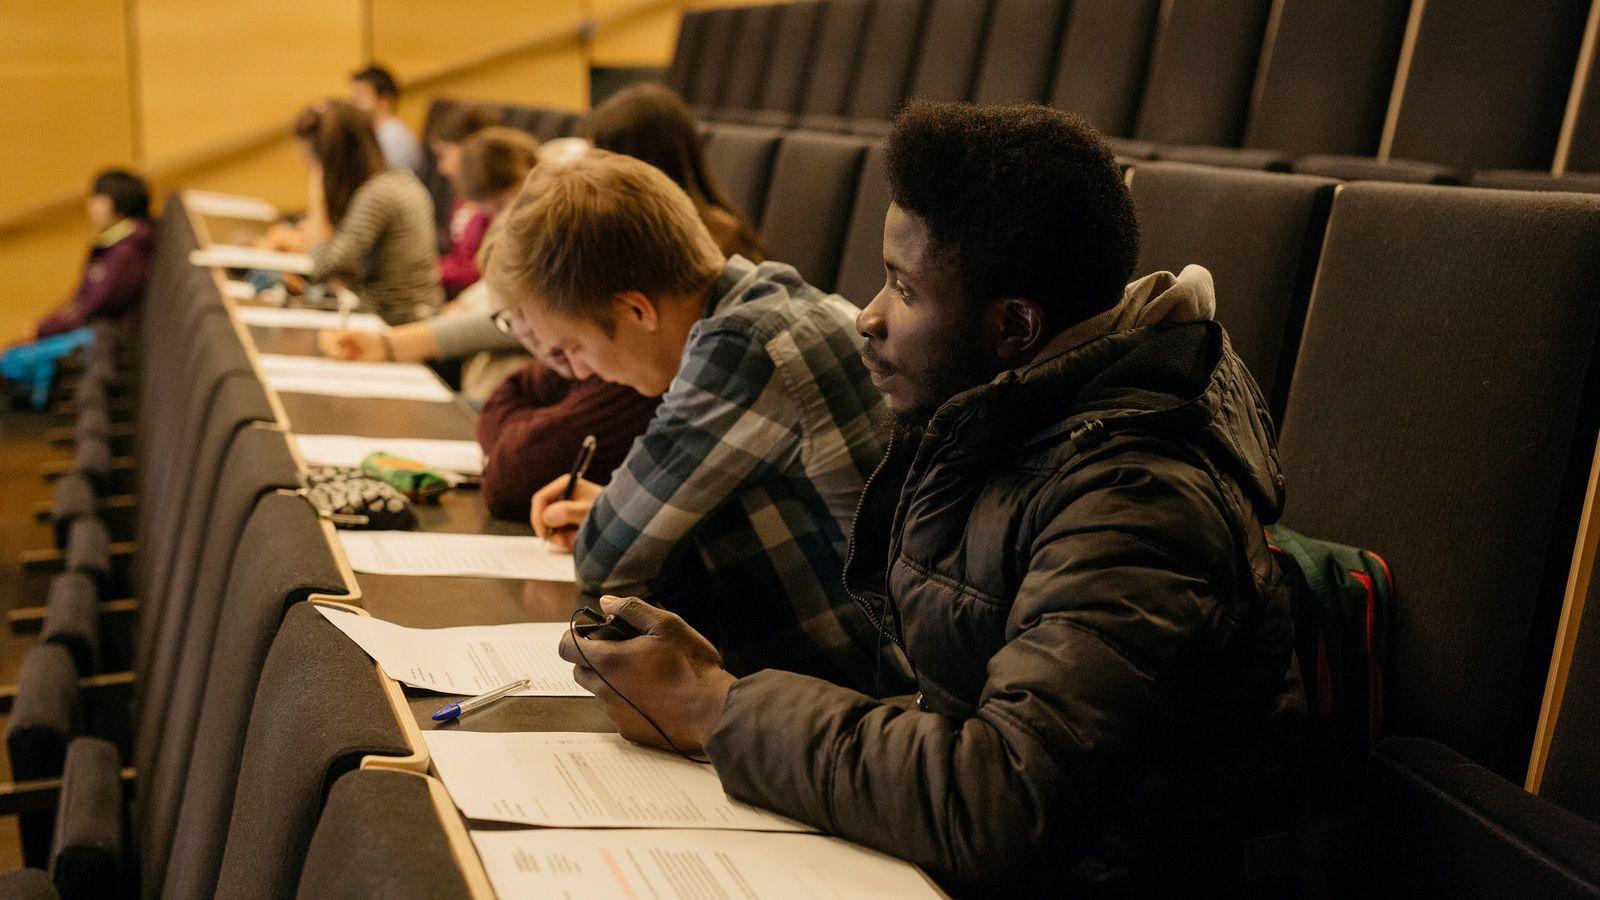 「農家→薬剤師」40歳から人生をやり直せるフィンランドのすごい仕組み 「フルタイムの学生」なら学費は無料